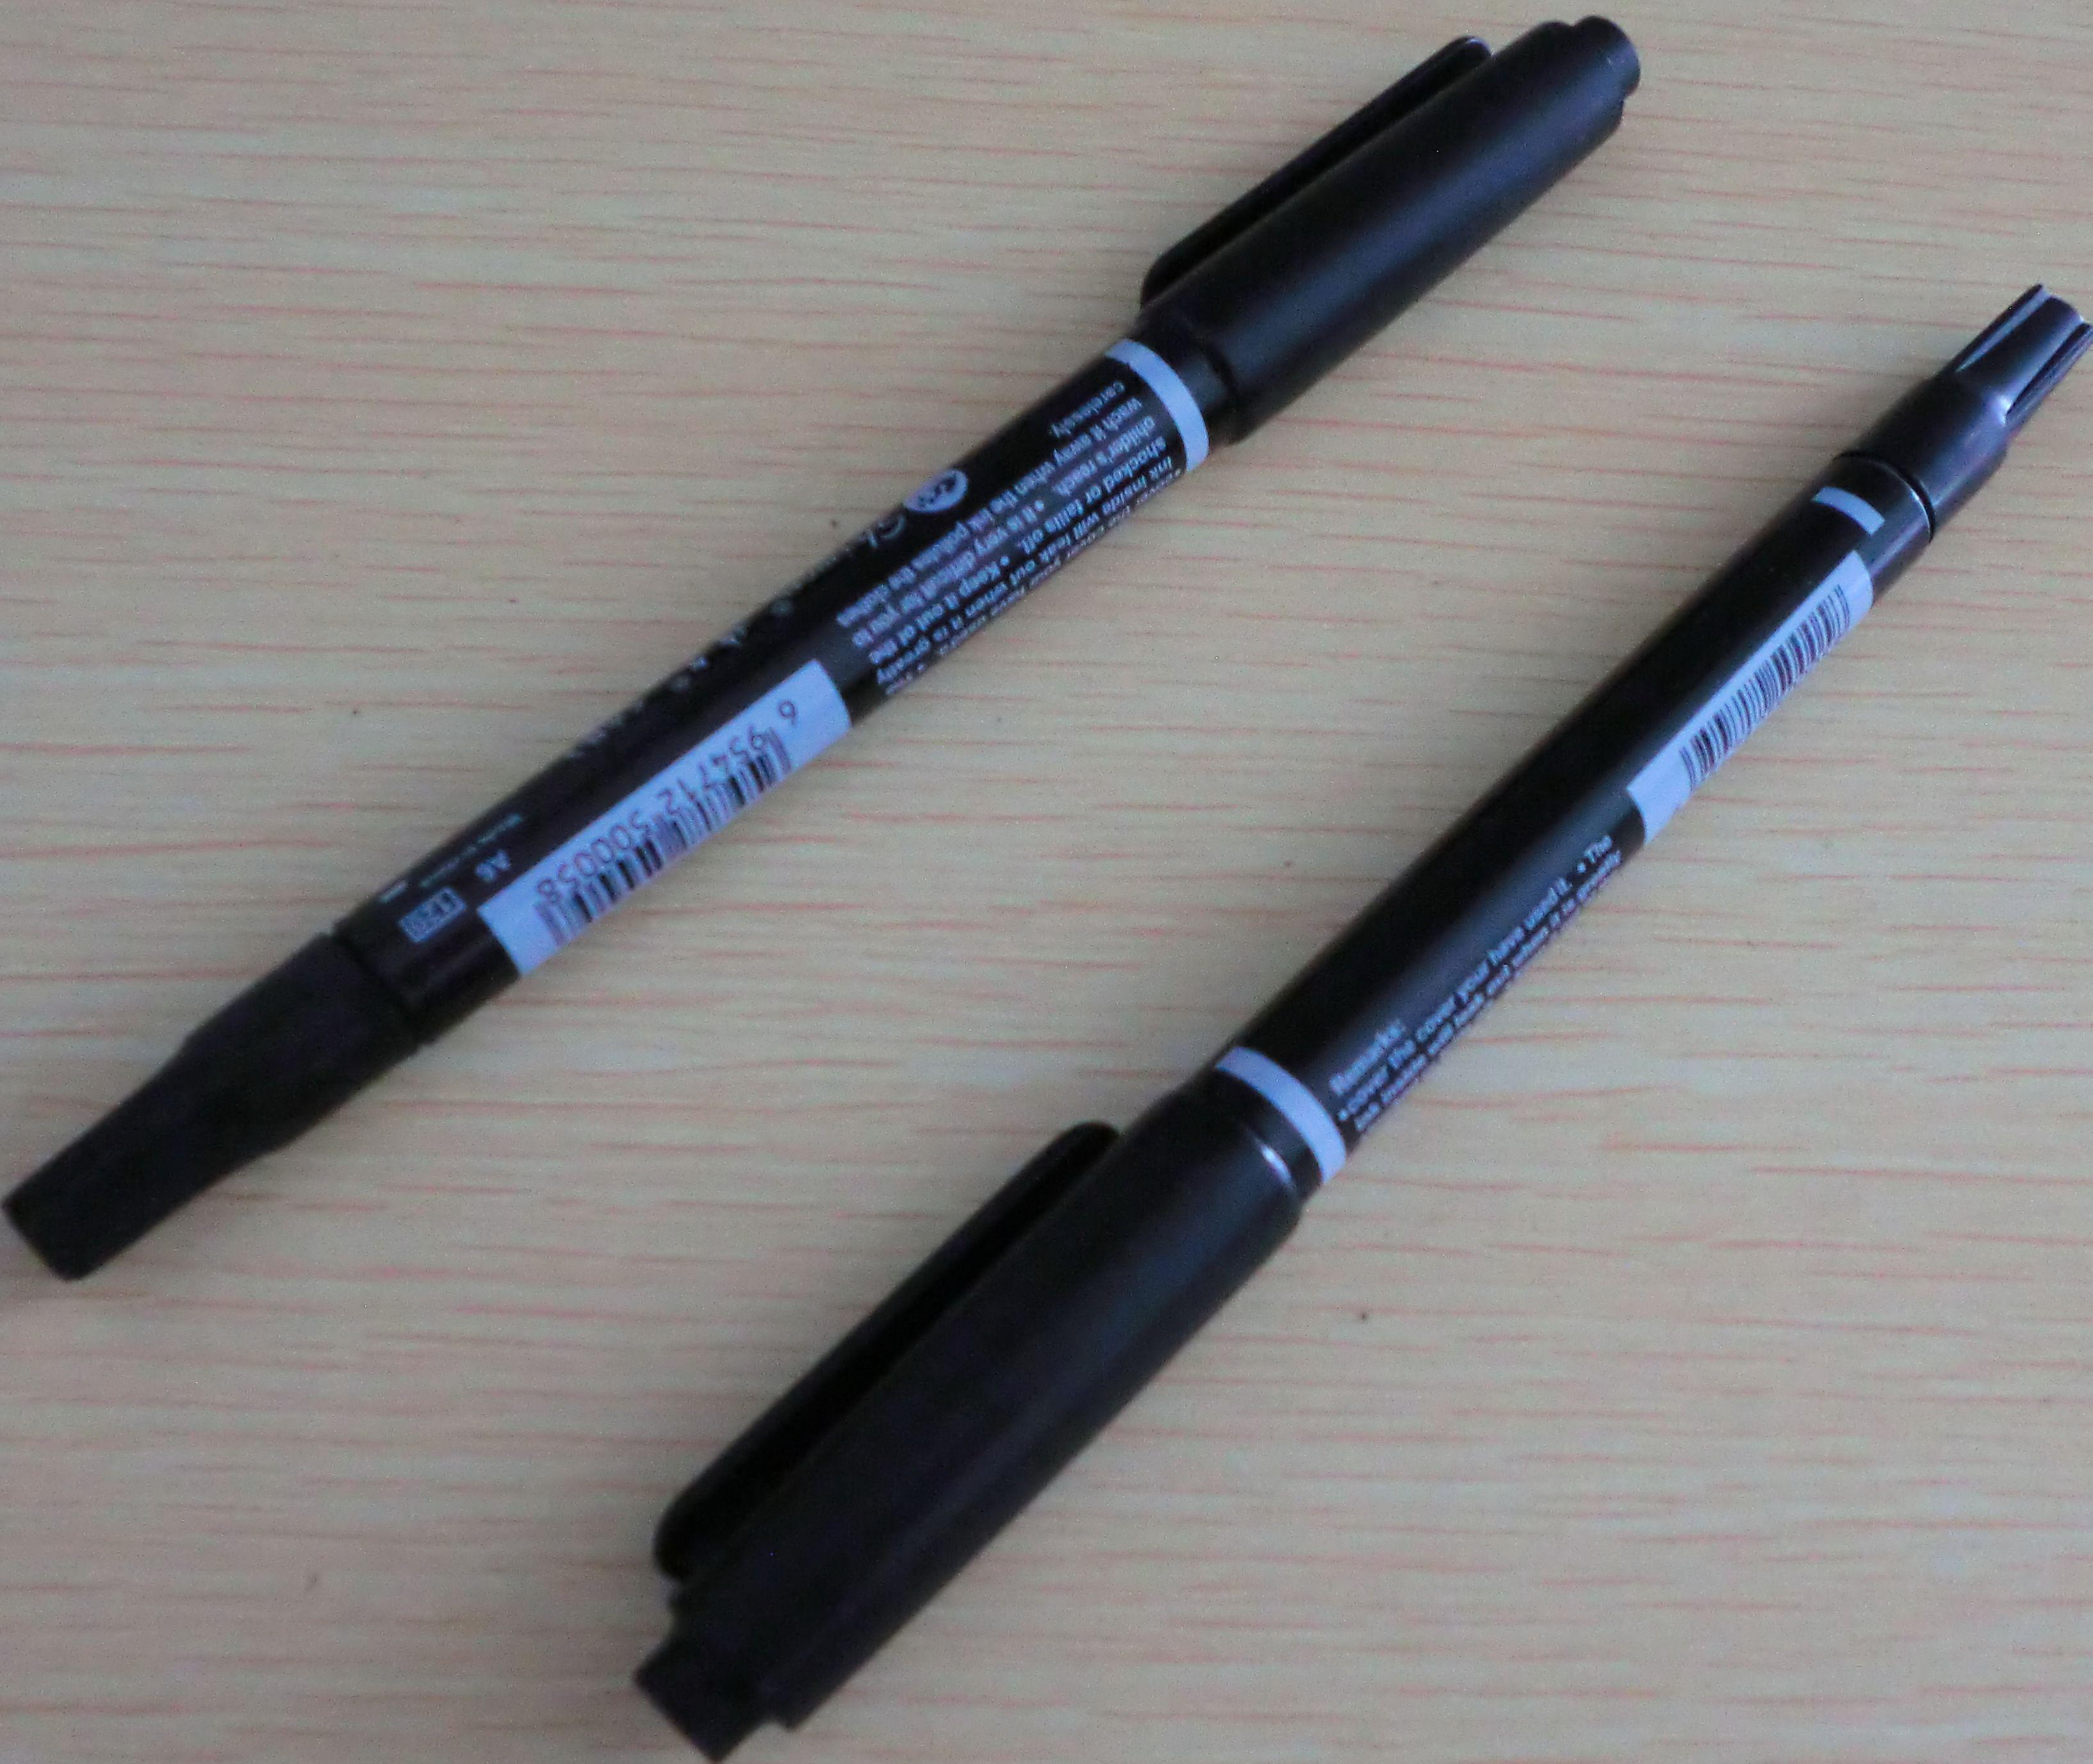 Acheter Marqueur De Peau Double Tatouage Noir Piercing Marquant Stylo Scribe De 4,35 € Du ...